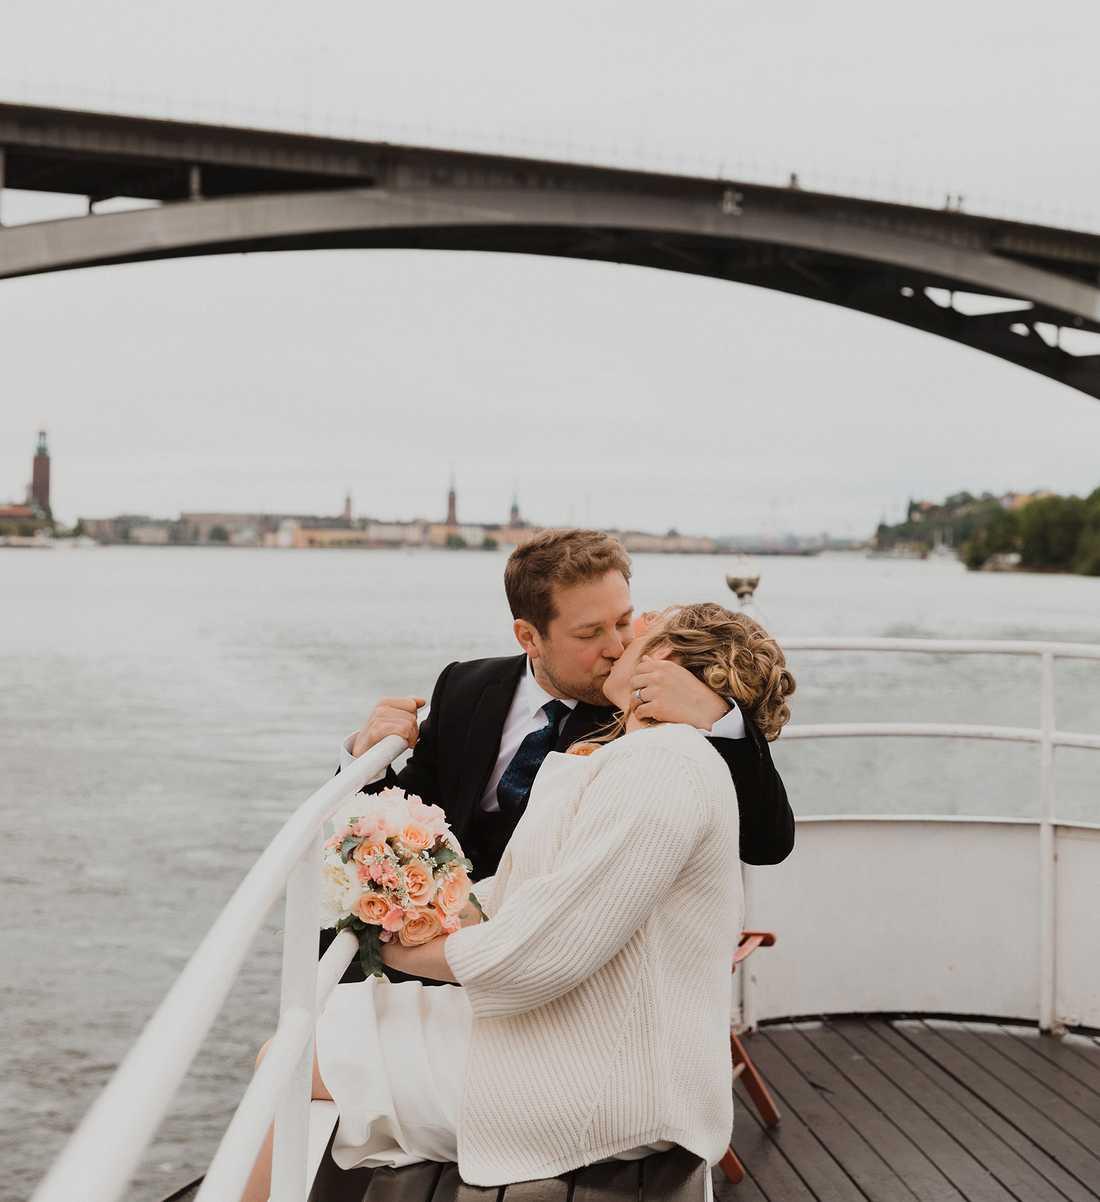 Efter vigseln i Stockholms stadshus (i bakgrunden) tog sid bröllopsparet en båttur på Riddarfjärden och under Västerbron.